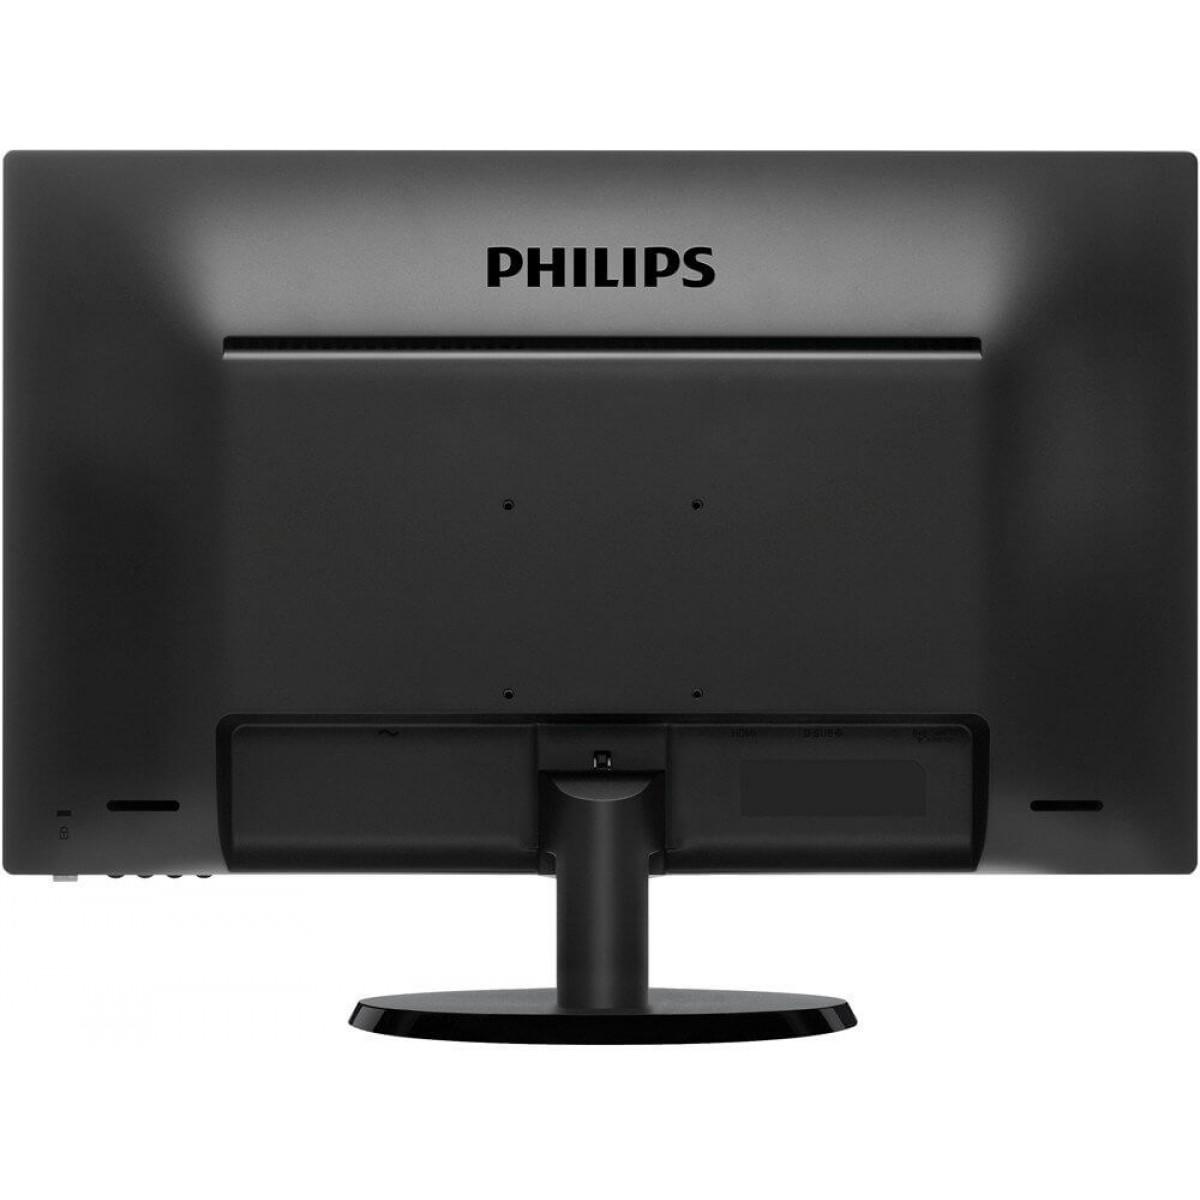 Monitor Philips 223V5LHSB2 LED LCD 21.5 Pol Full HD